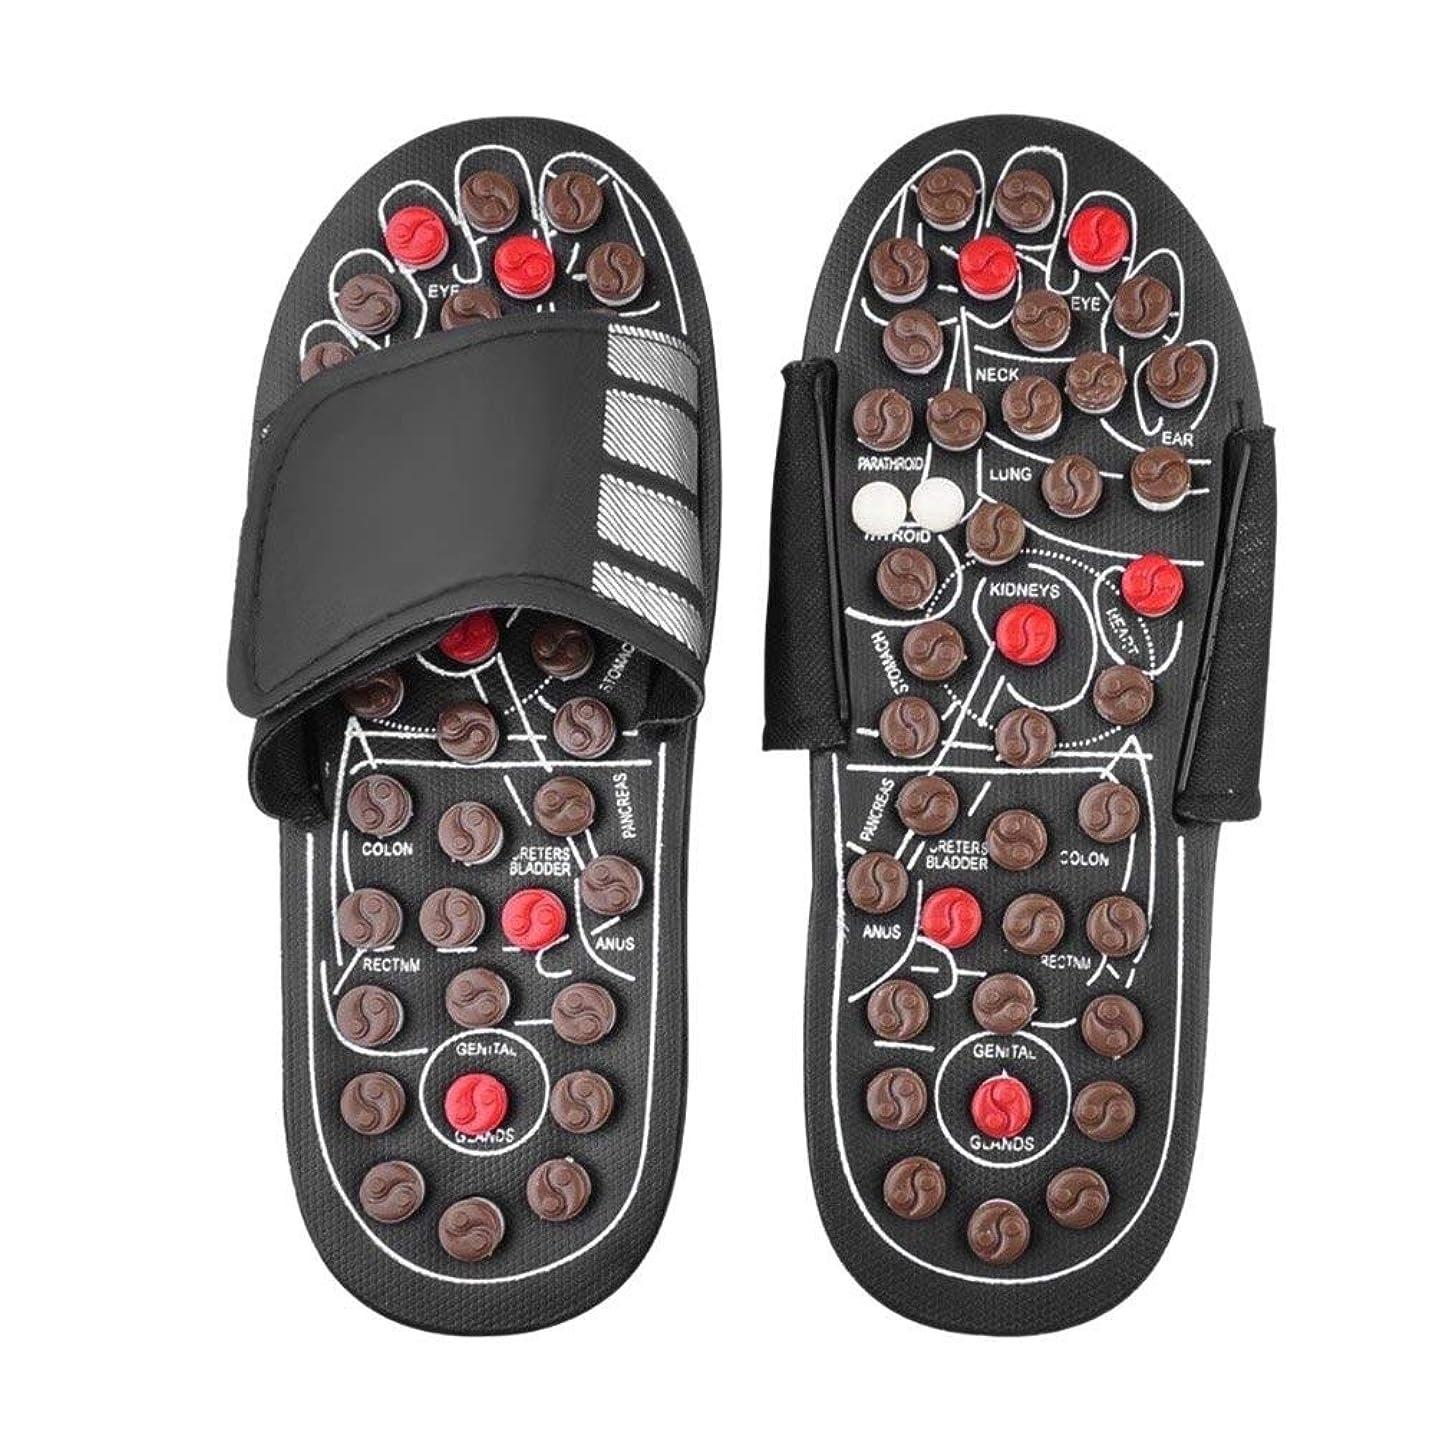 費用寛解聴覚障害者指圧マッサージスリッパフットツボマッサージの靴は、マッサージ関節炎足底筋膜炎の痛みを軽減するために、プスリッパサンダルフリップ (Size : XL)